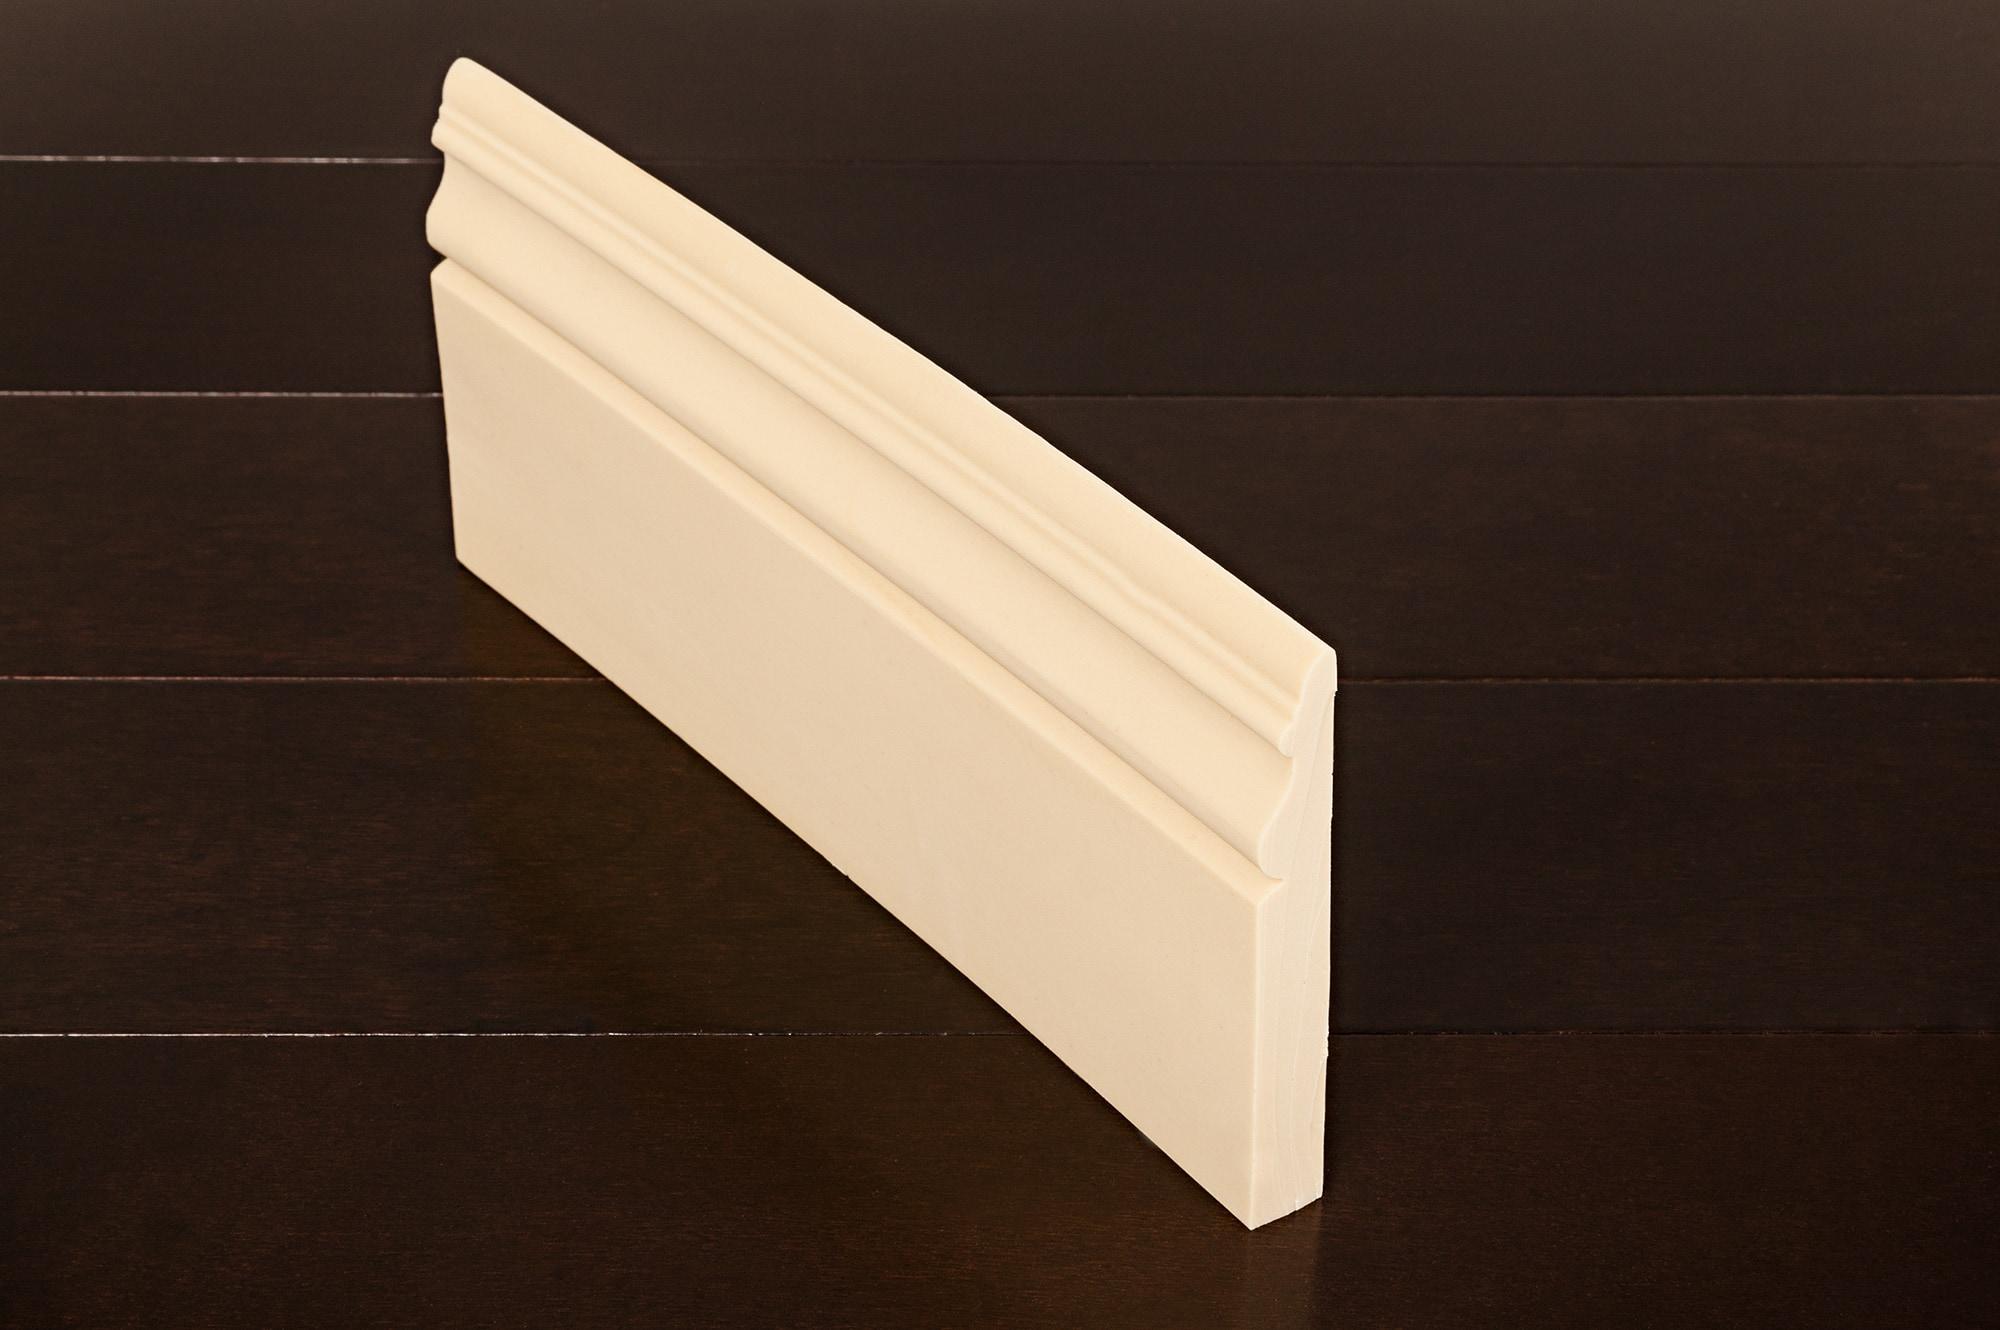 """Baseboard- 9/16"""" x 5"""" x 12' / Baseboard- 9/16"""" x 5"""" x 12' Moldings - Flexible Baseboards 0"""